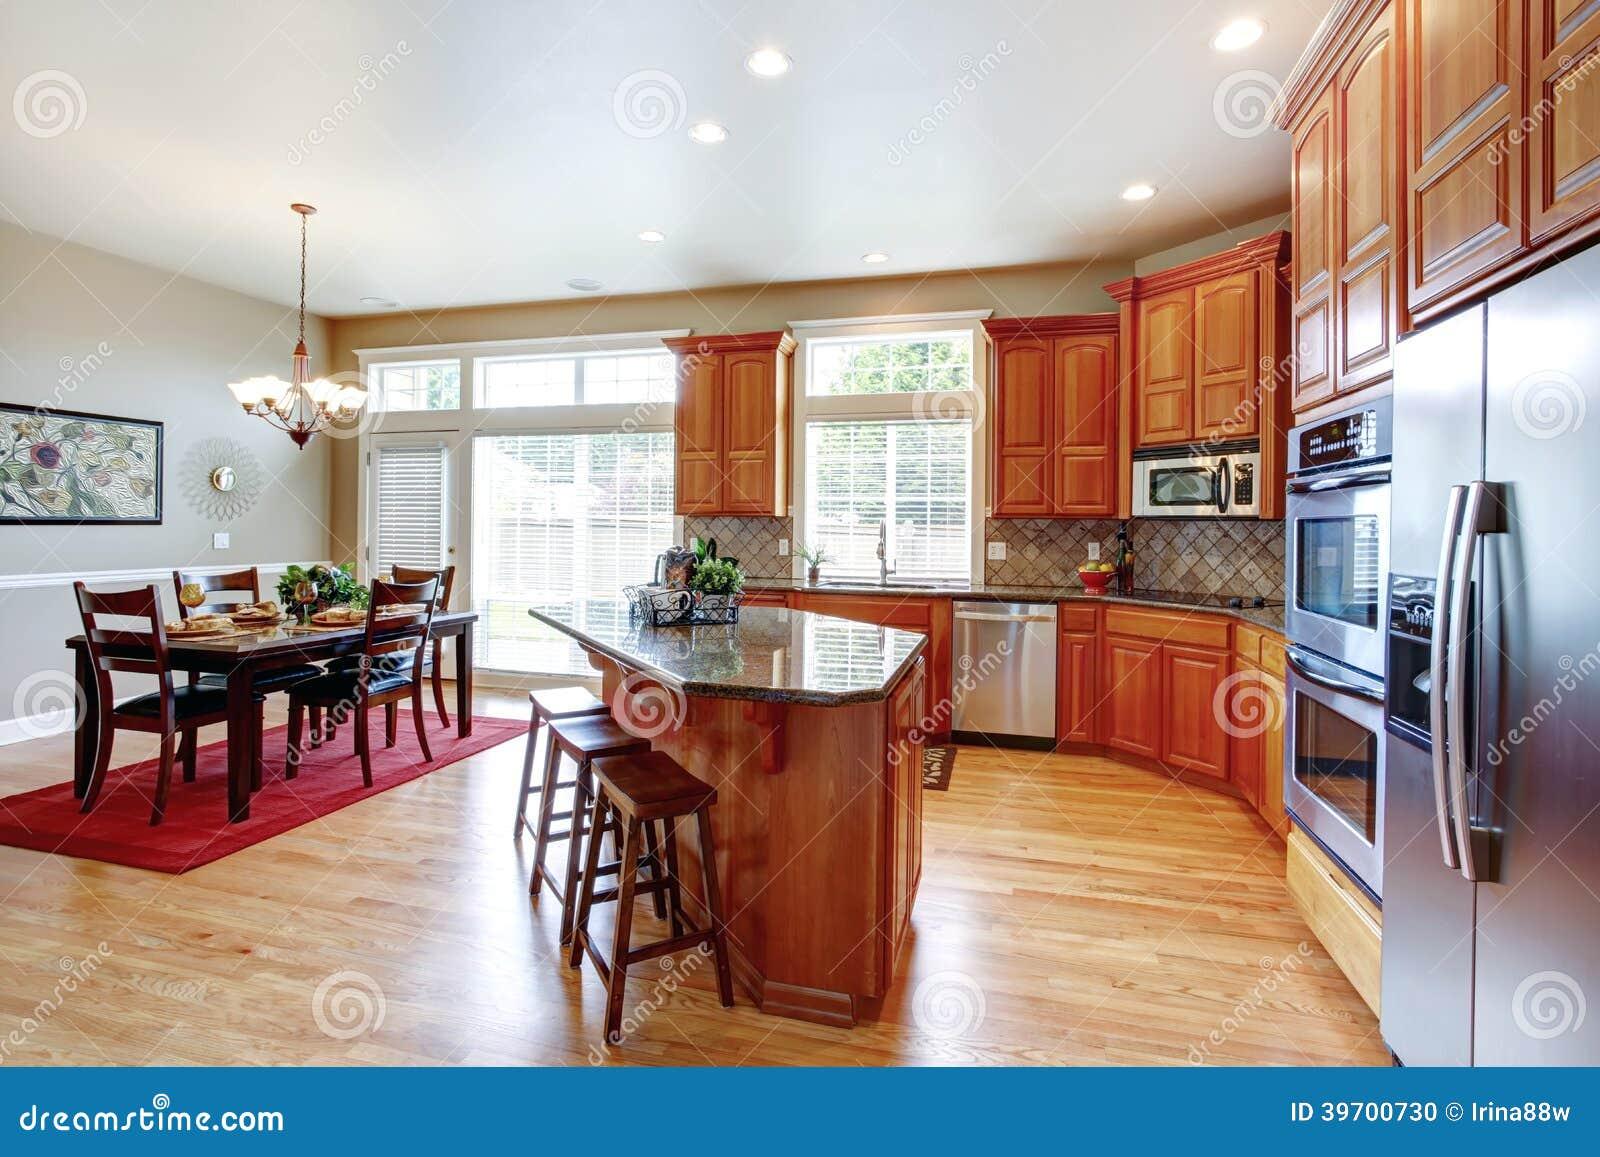 Sitio moderno de la cocina con la isla y el comedor foto for Cocina comedor modernos fotos